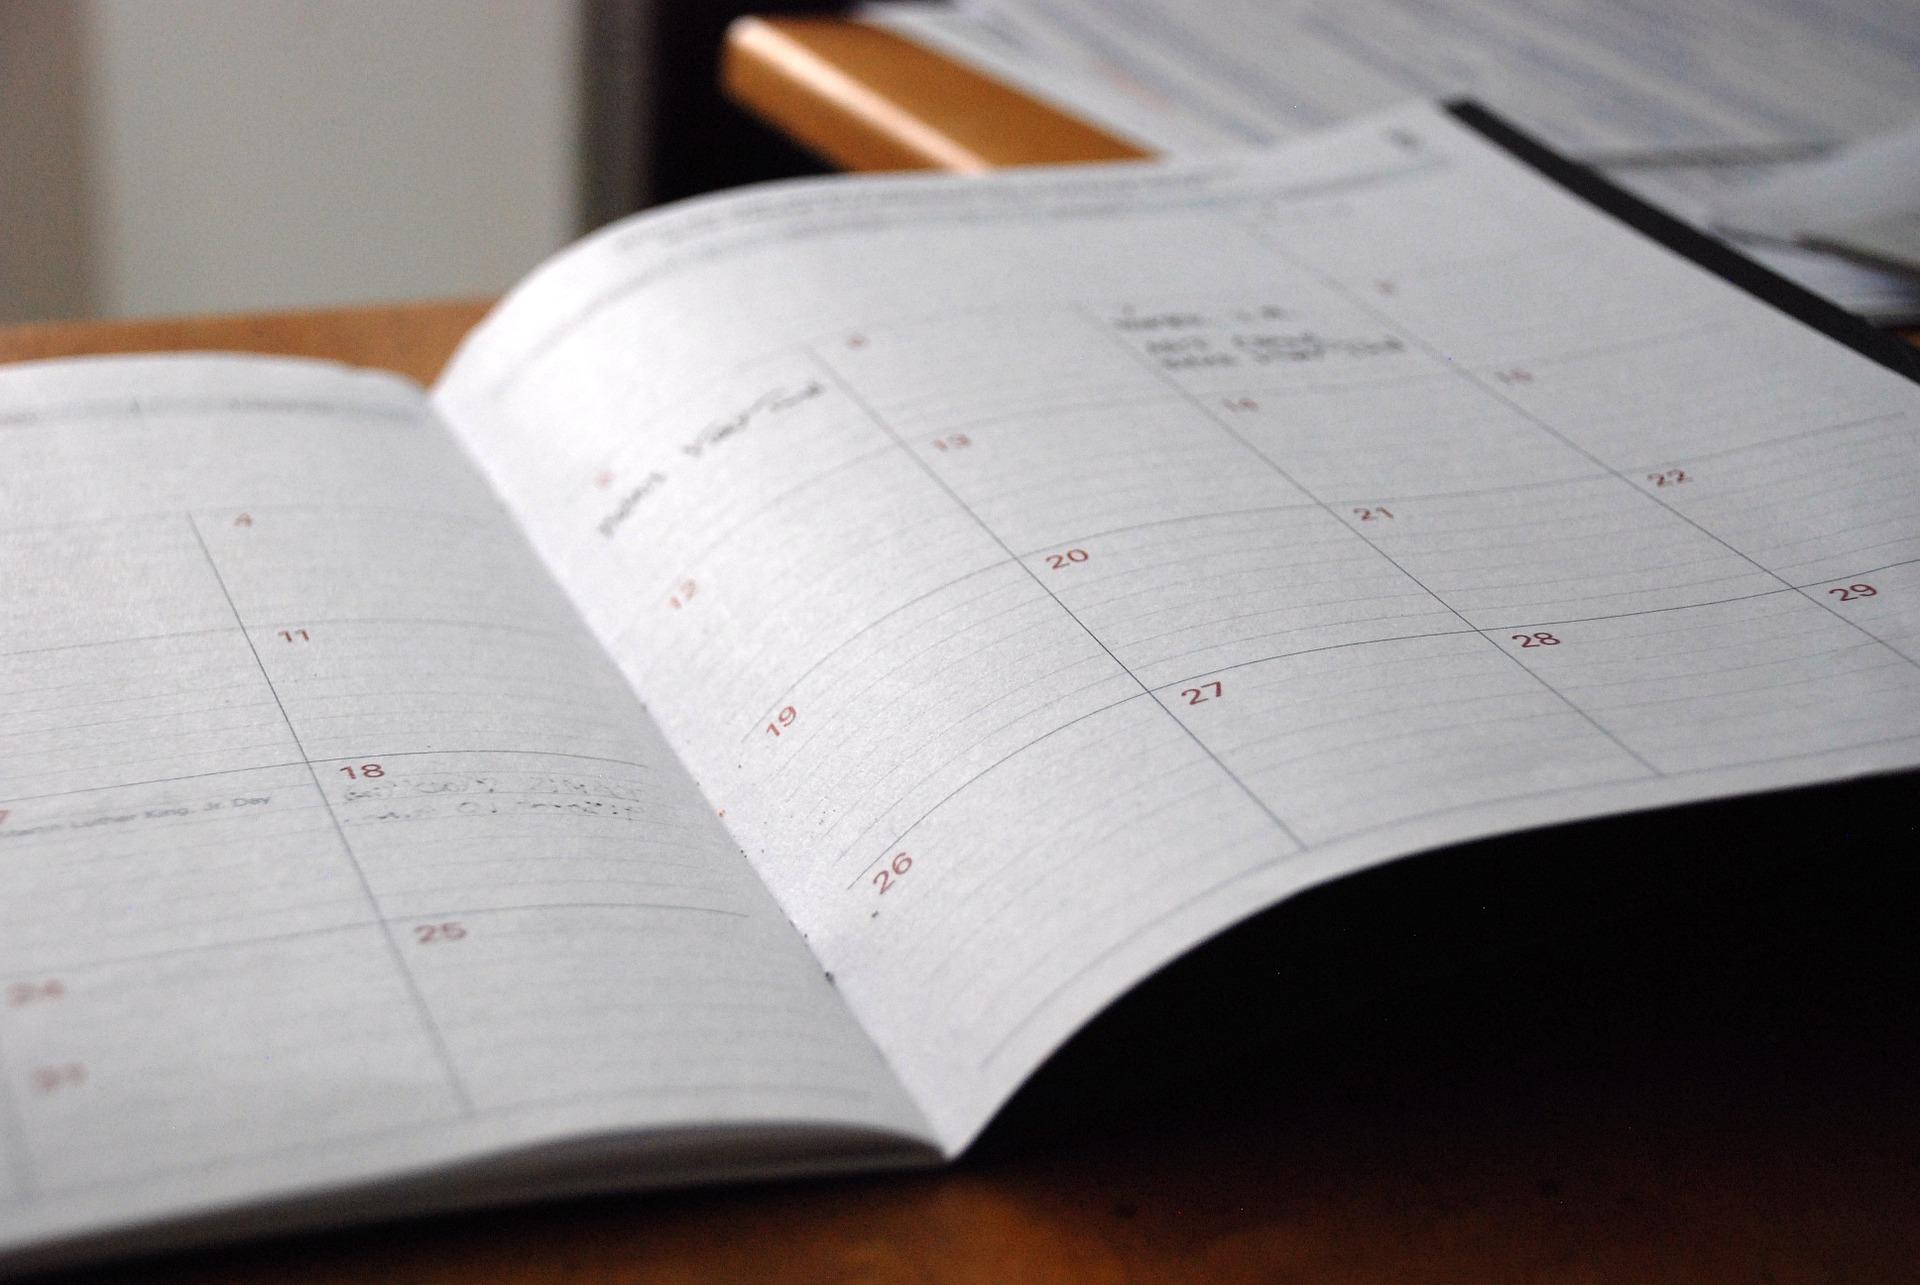 Publicado el Calendario Fiscal de 2018 - La Viña